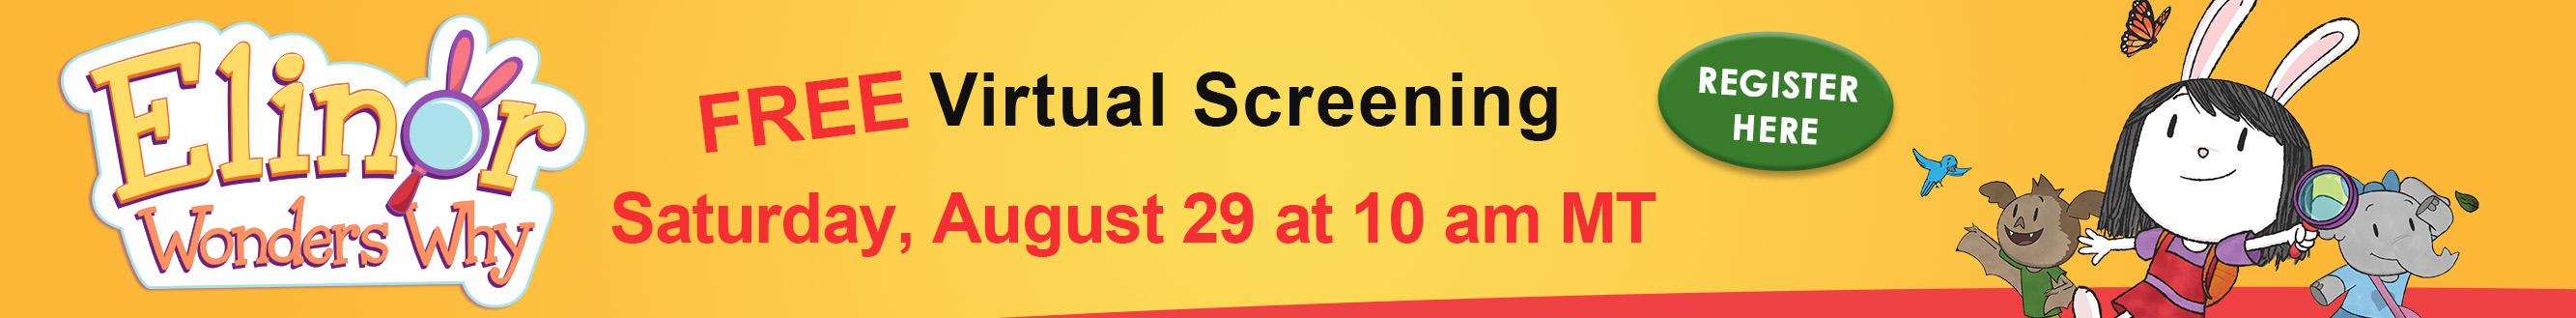 Free Virtual Screening Of Elinor Wonders Why - Register Here